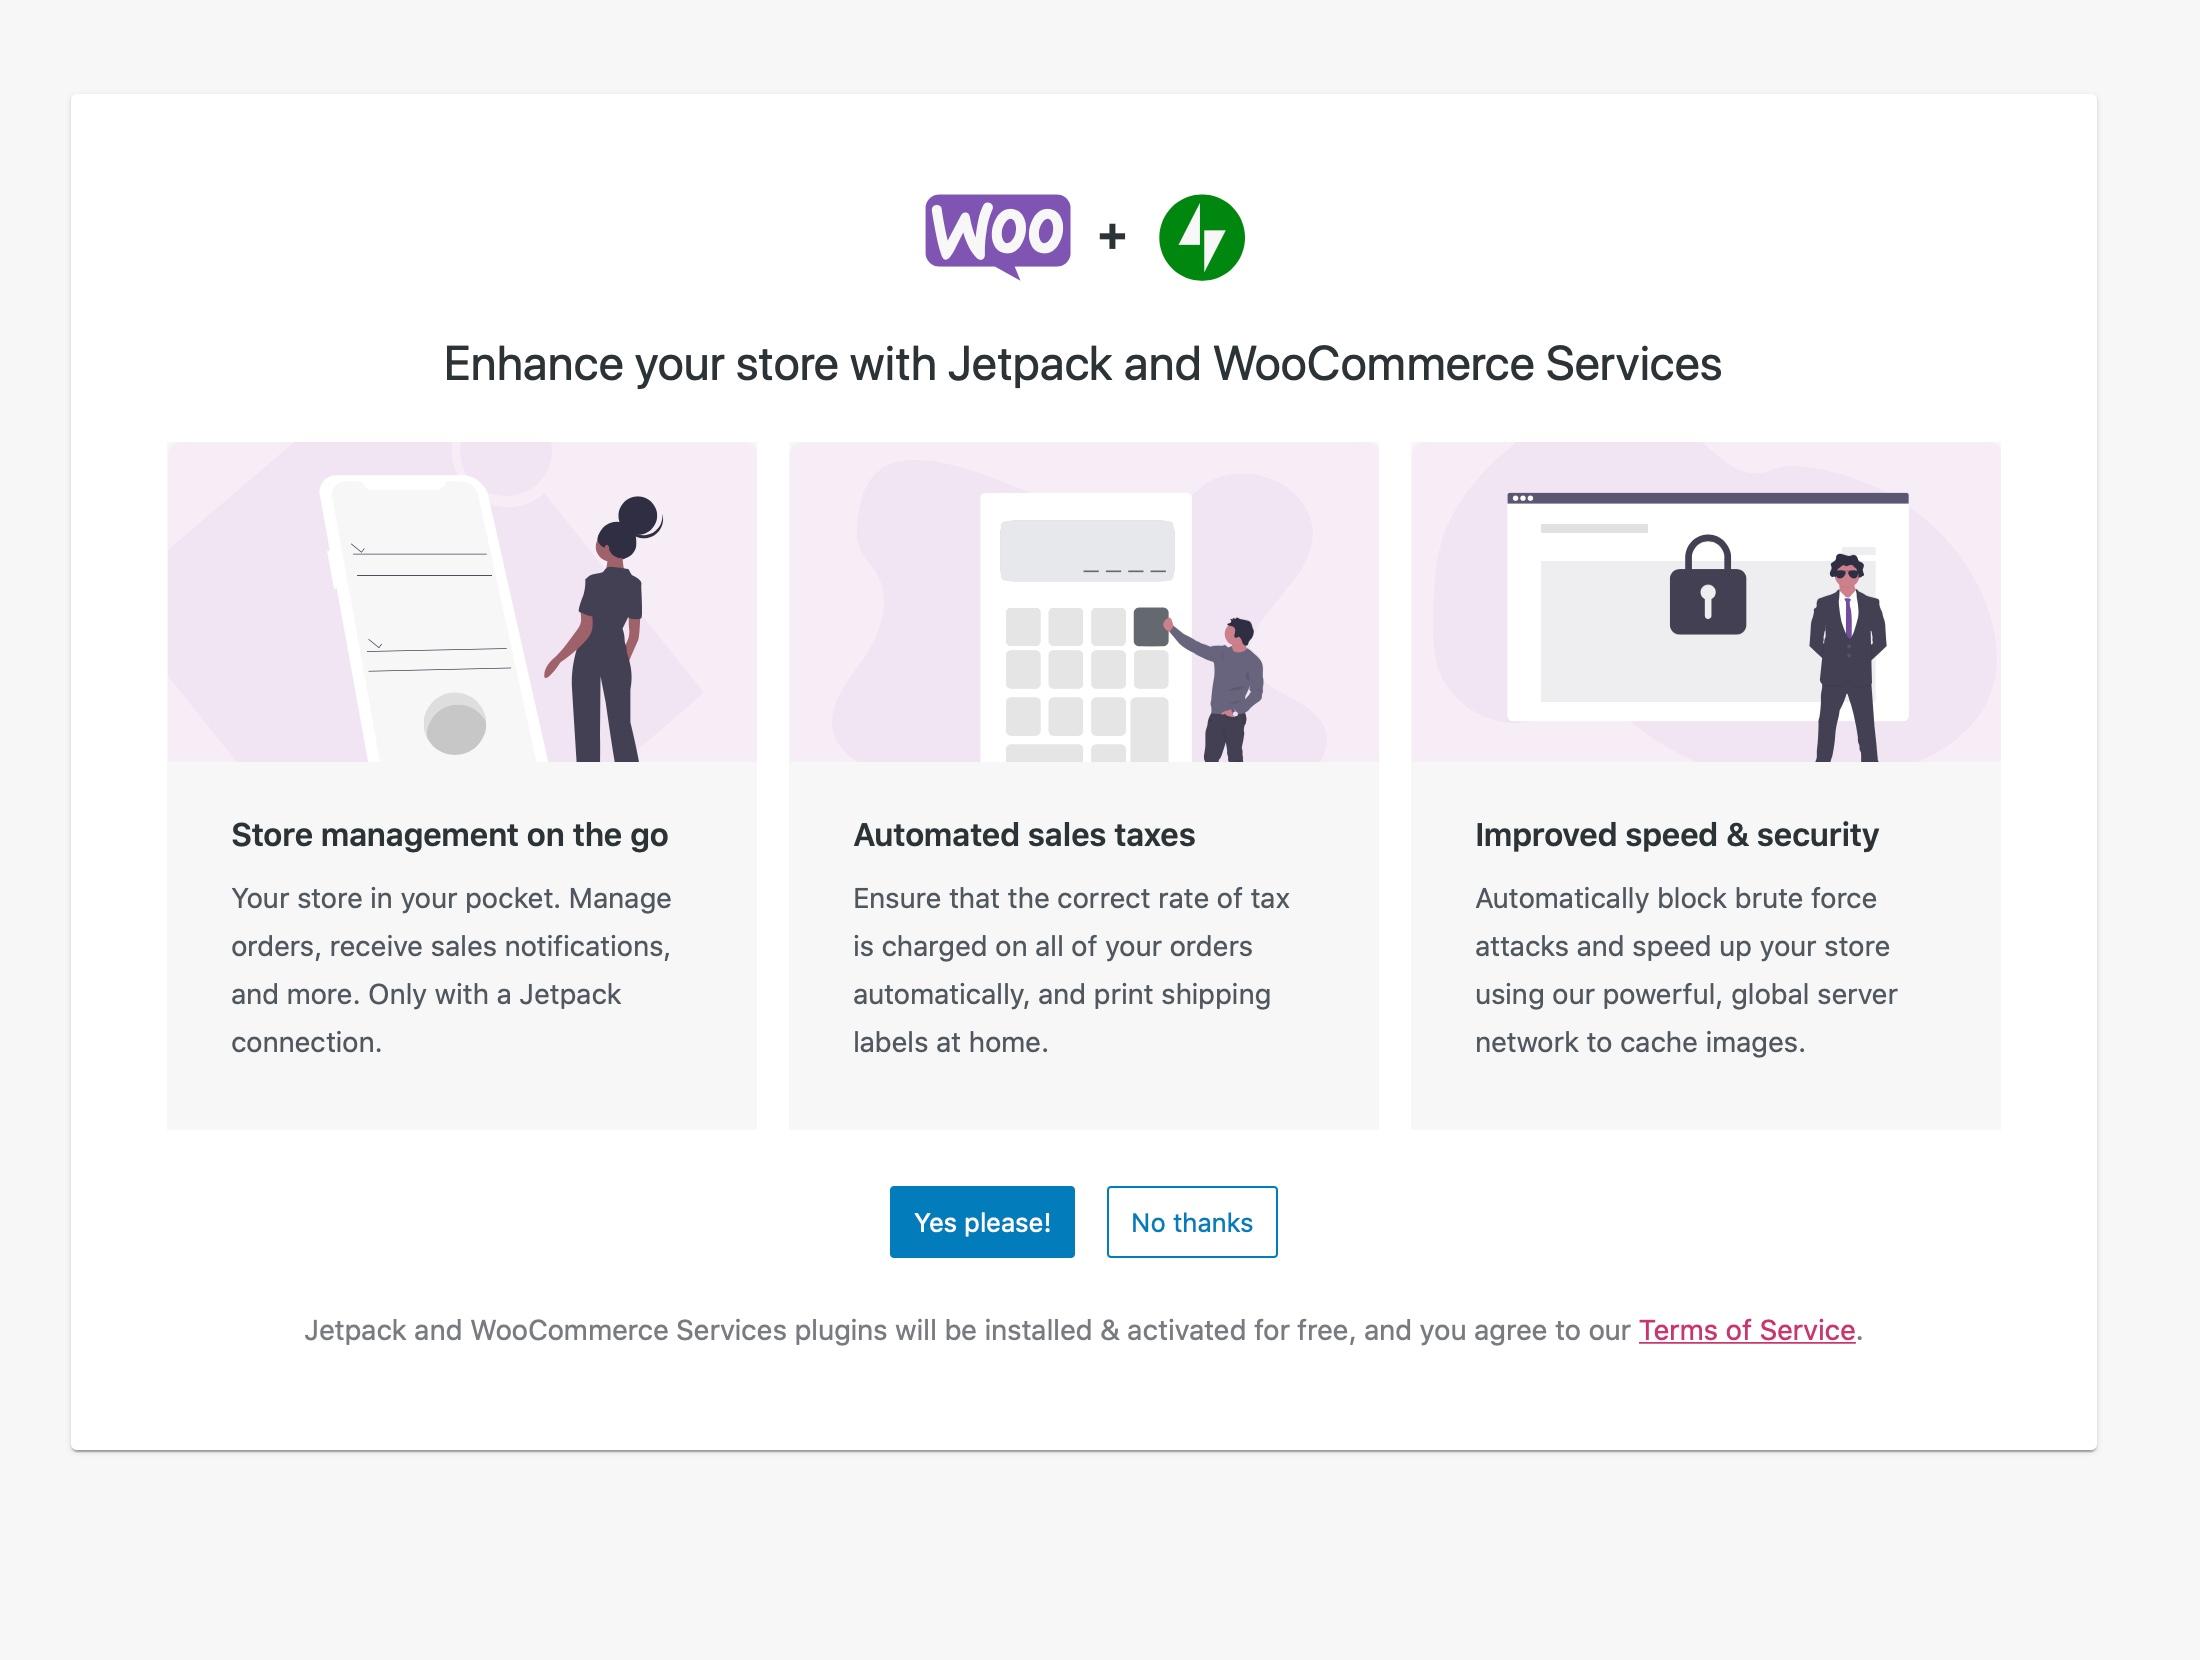 WooCommerce installieren - in fünf Minuten zum Onlineshop auf WordPress-Basis 4